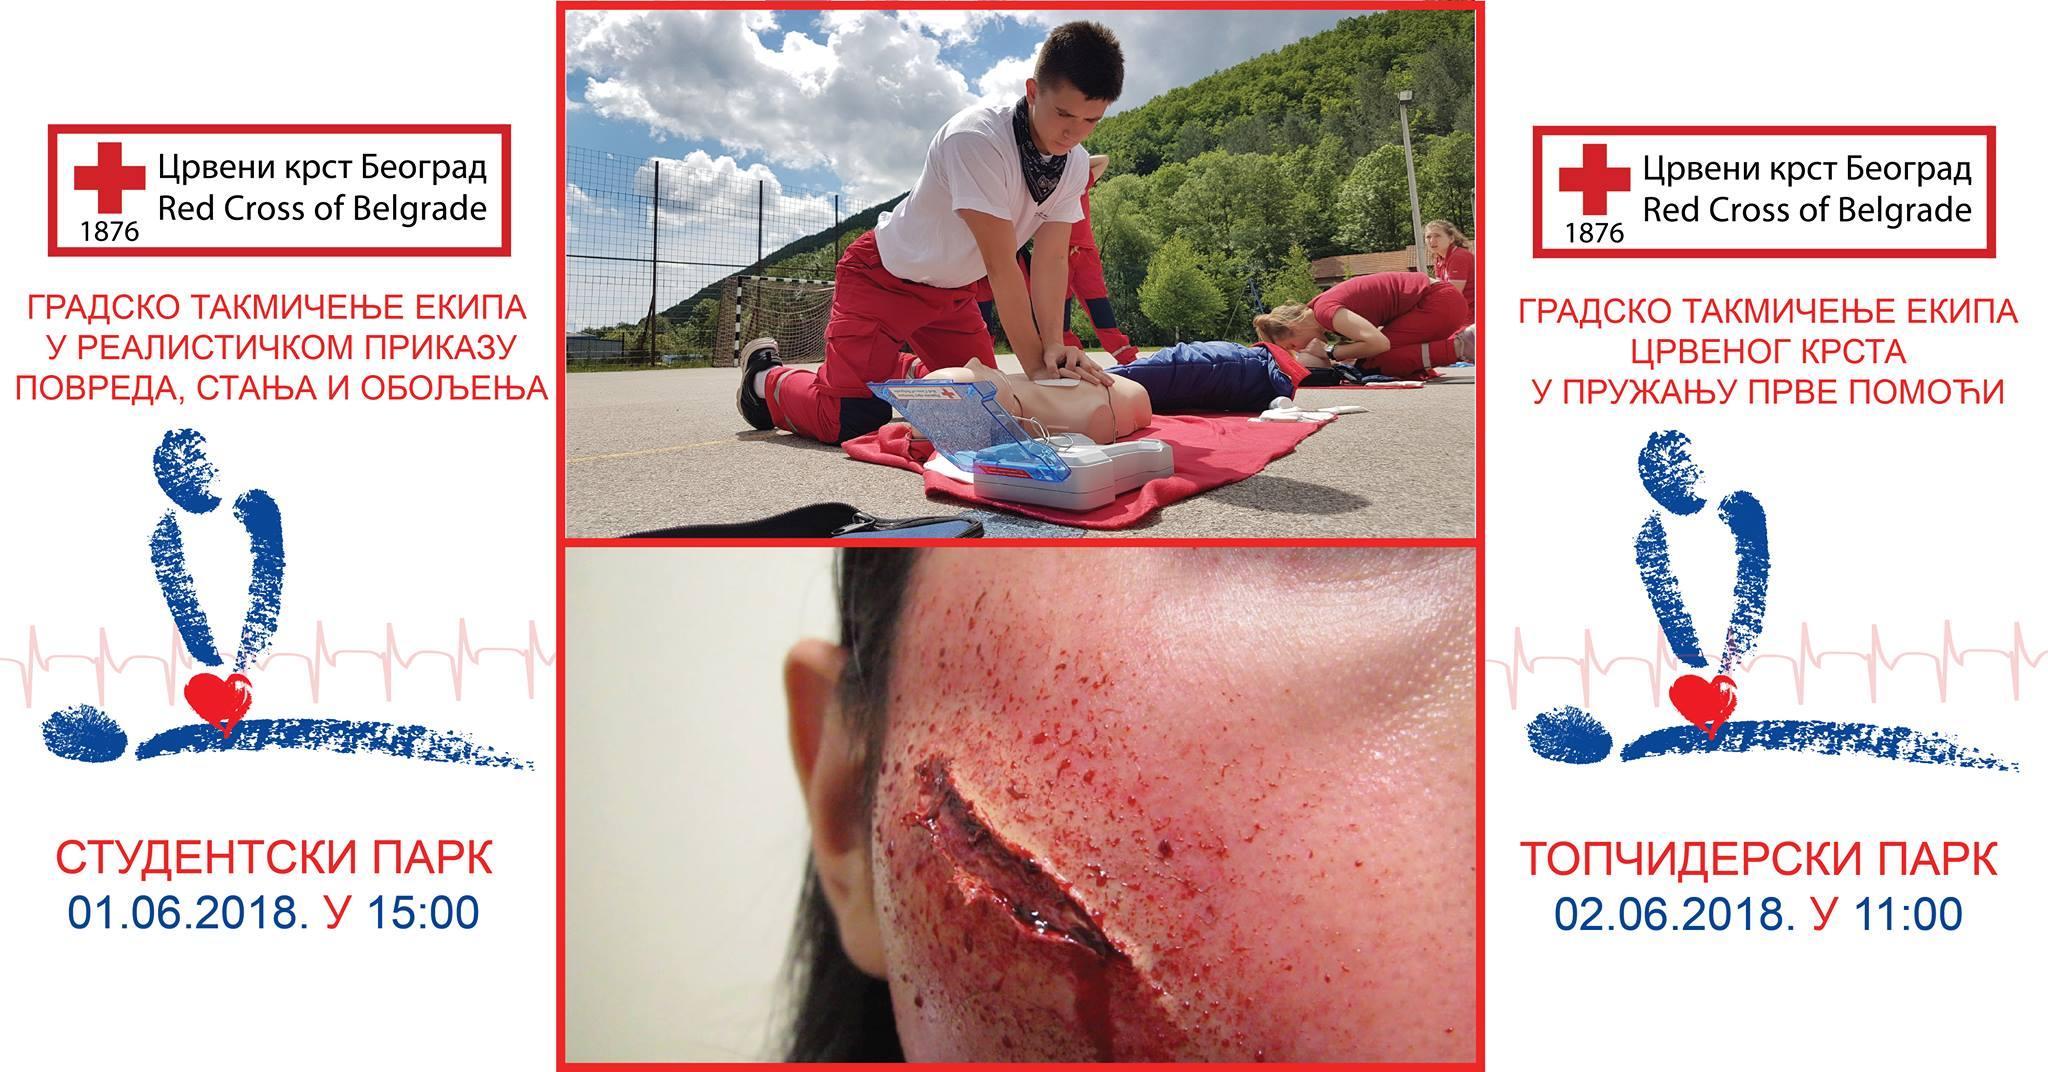 U Topčiderskom parku takmičenje Crvenog krsta u pružanju prve pomoći